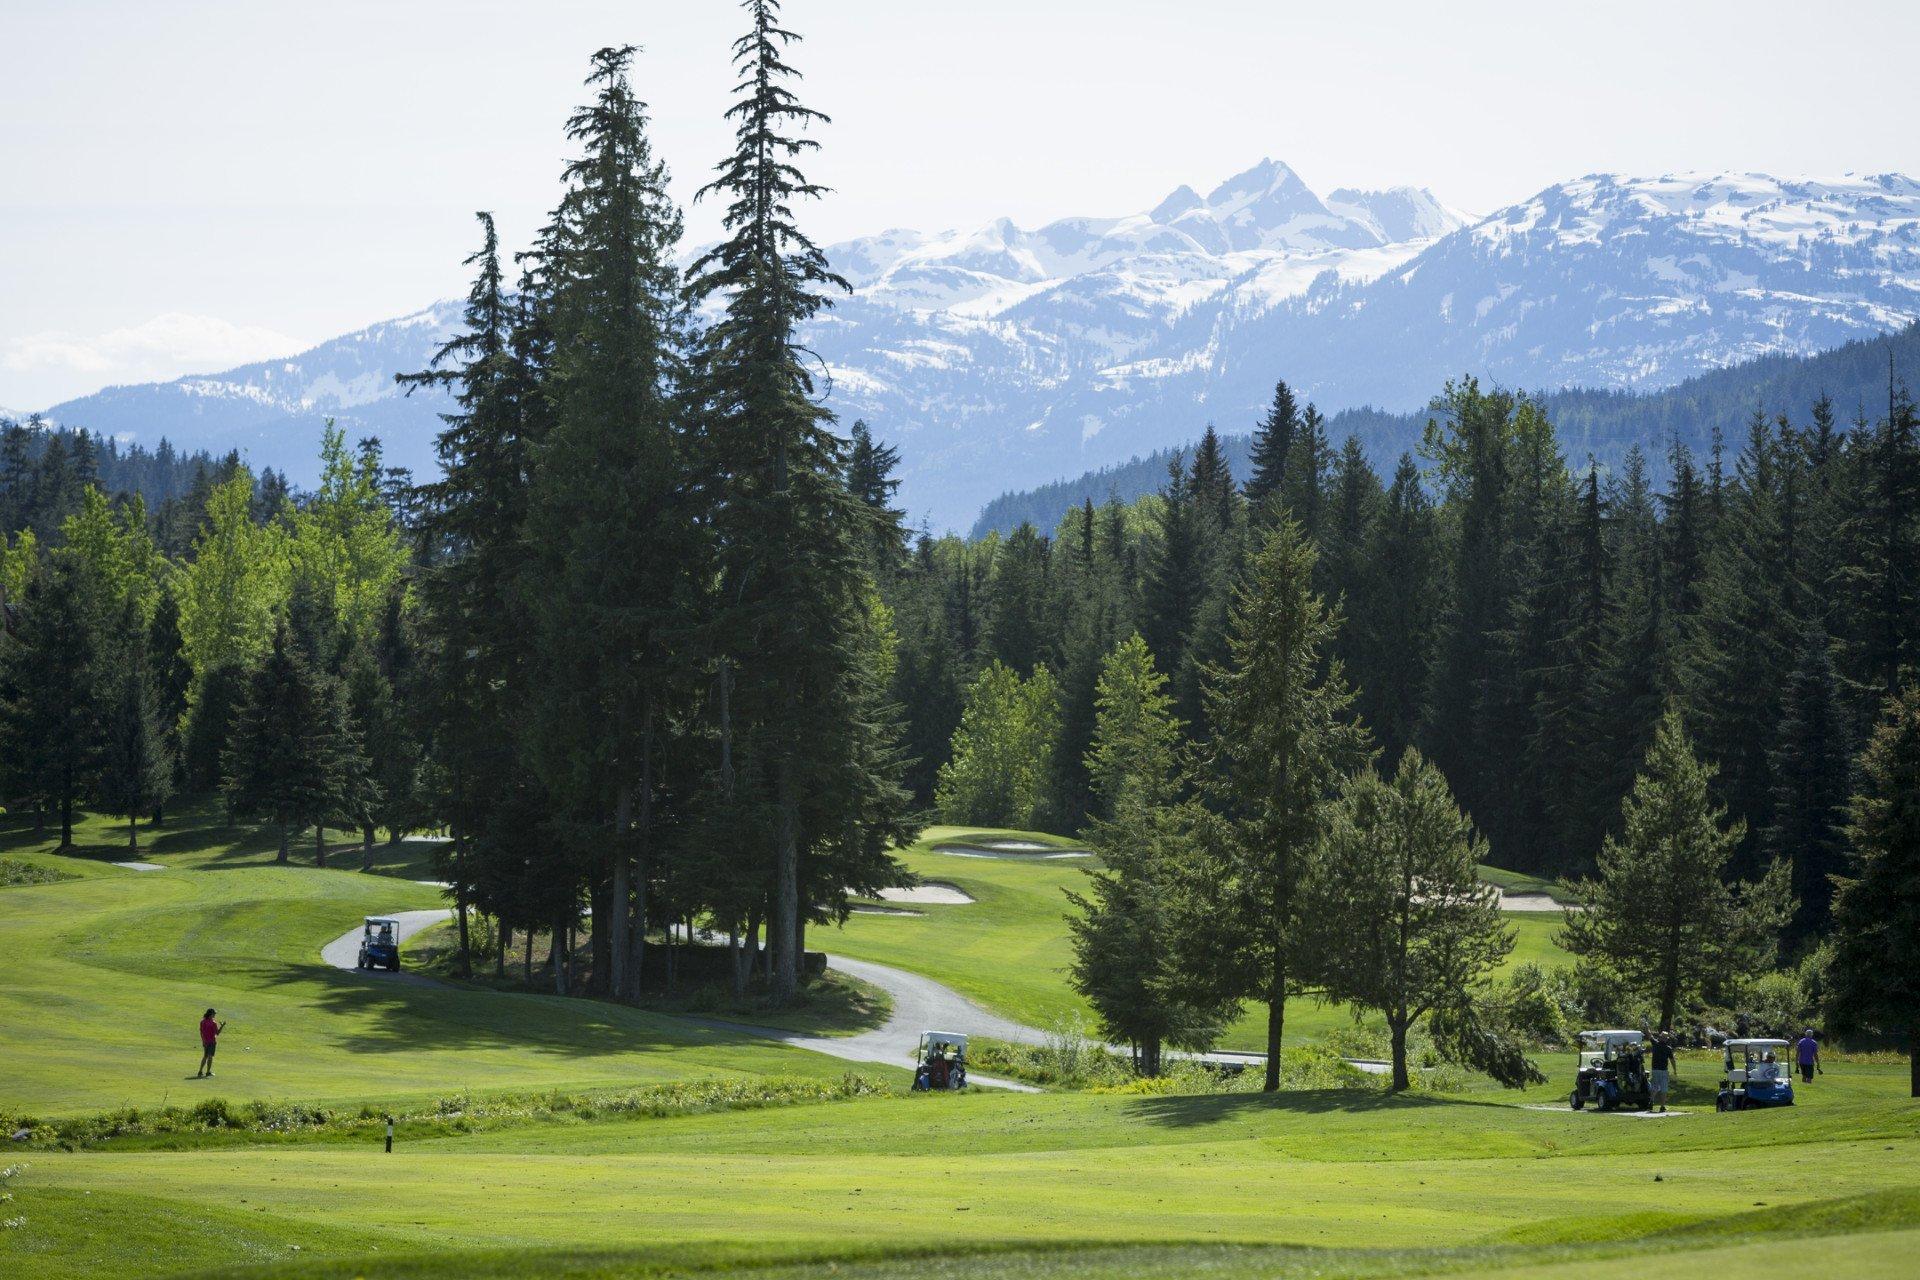 Golfing in Whistler area 2020